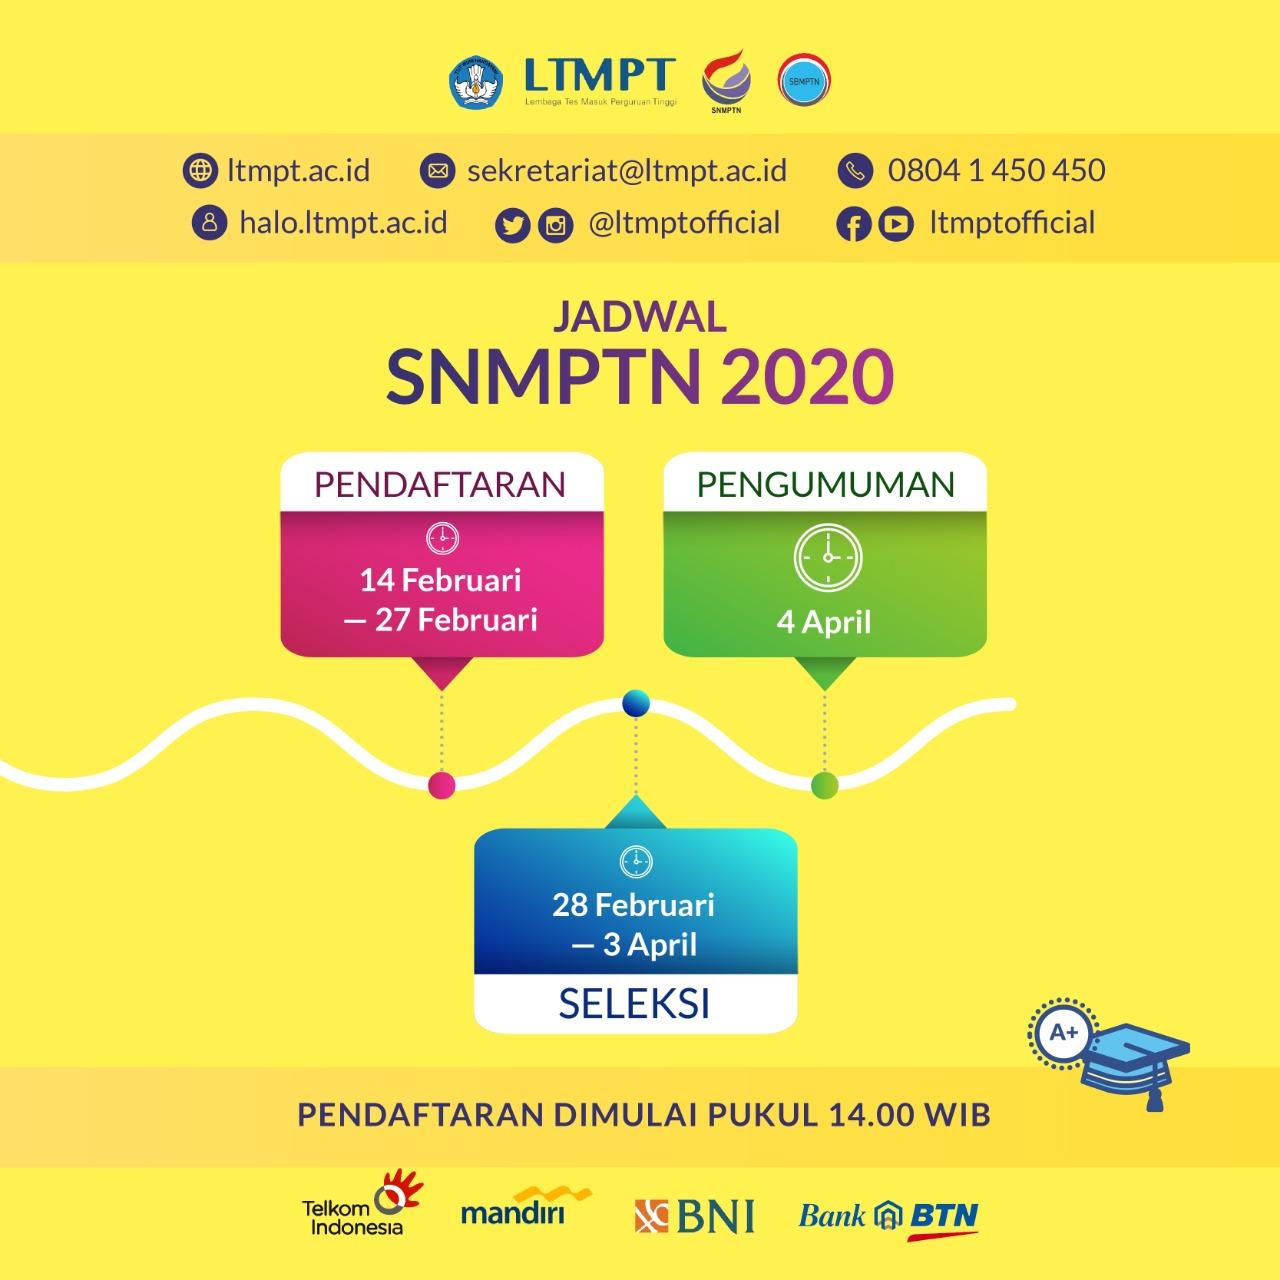 Pendaftaran Mahasiswa Baru Jalur Snmptn Mulai 14 Februari 2020 Universitas Khairun